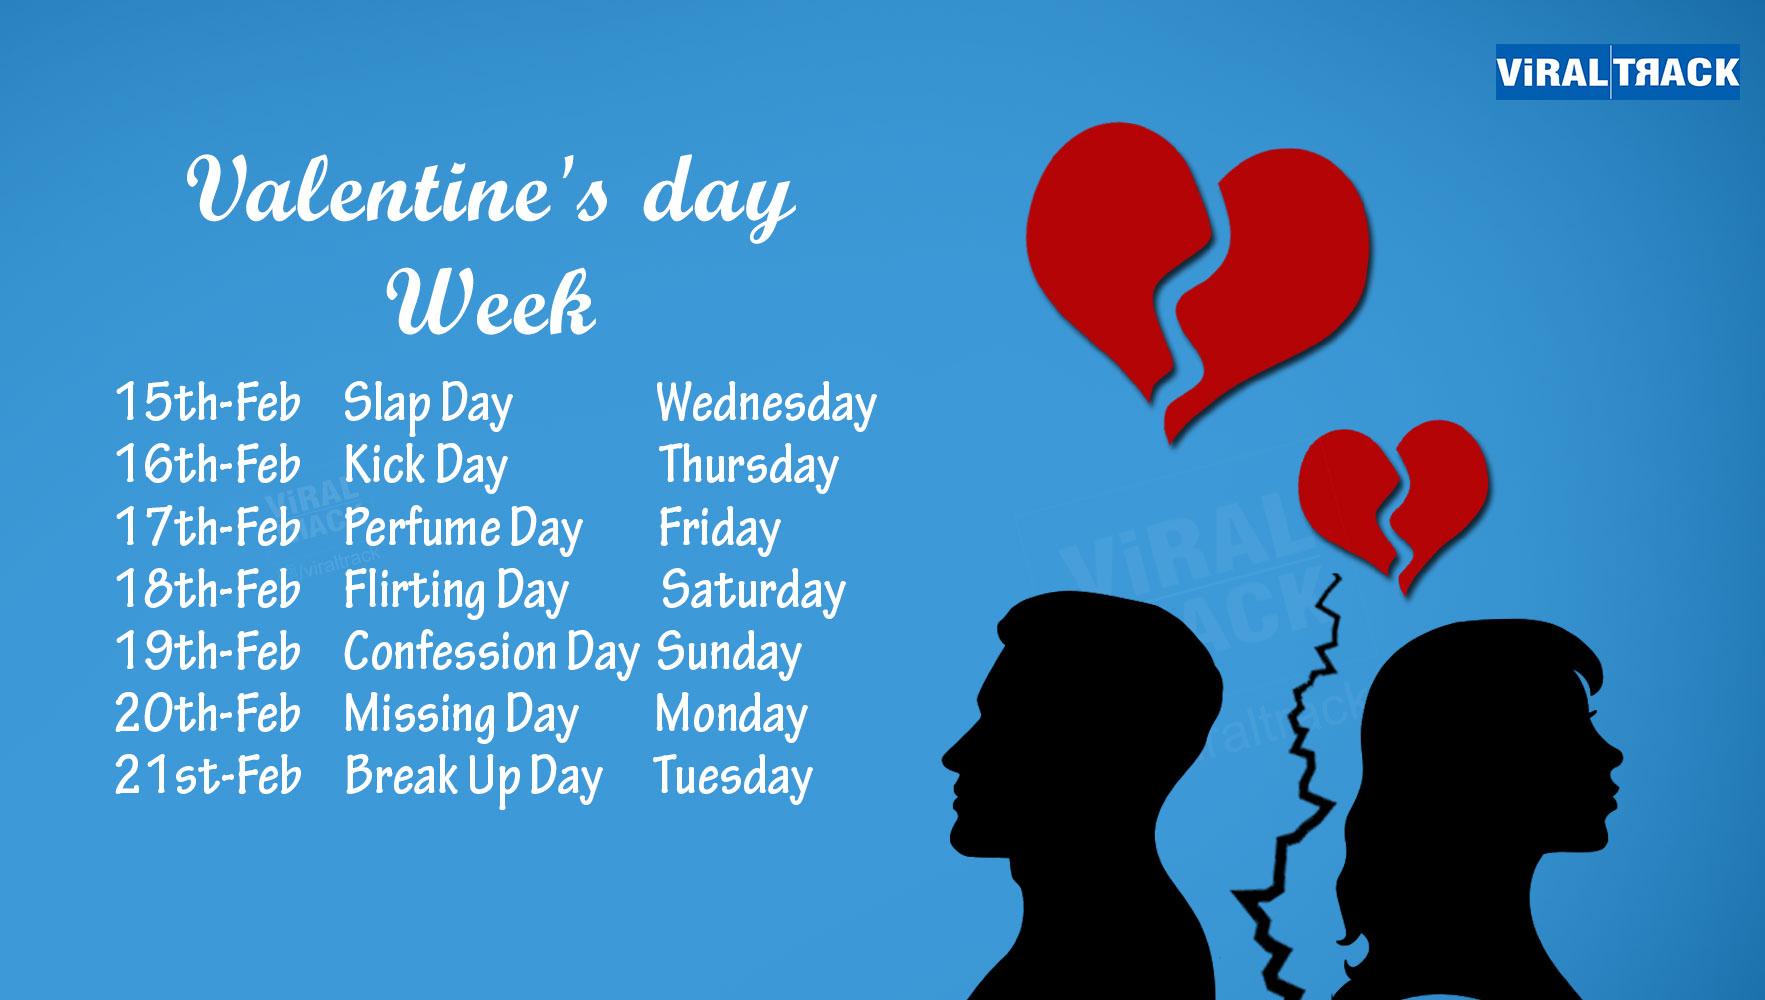 reverse valentine week calendar week list